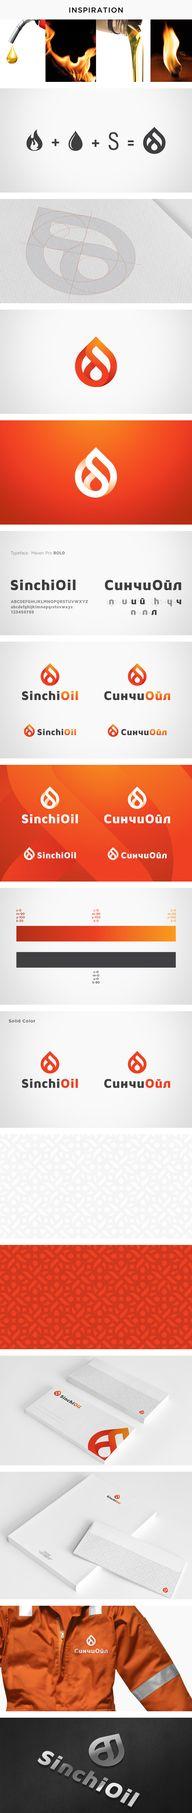 Sinchioil Visual Ide